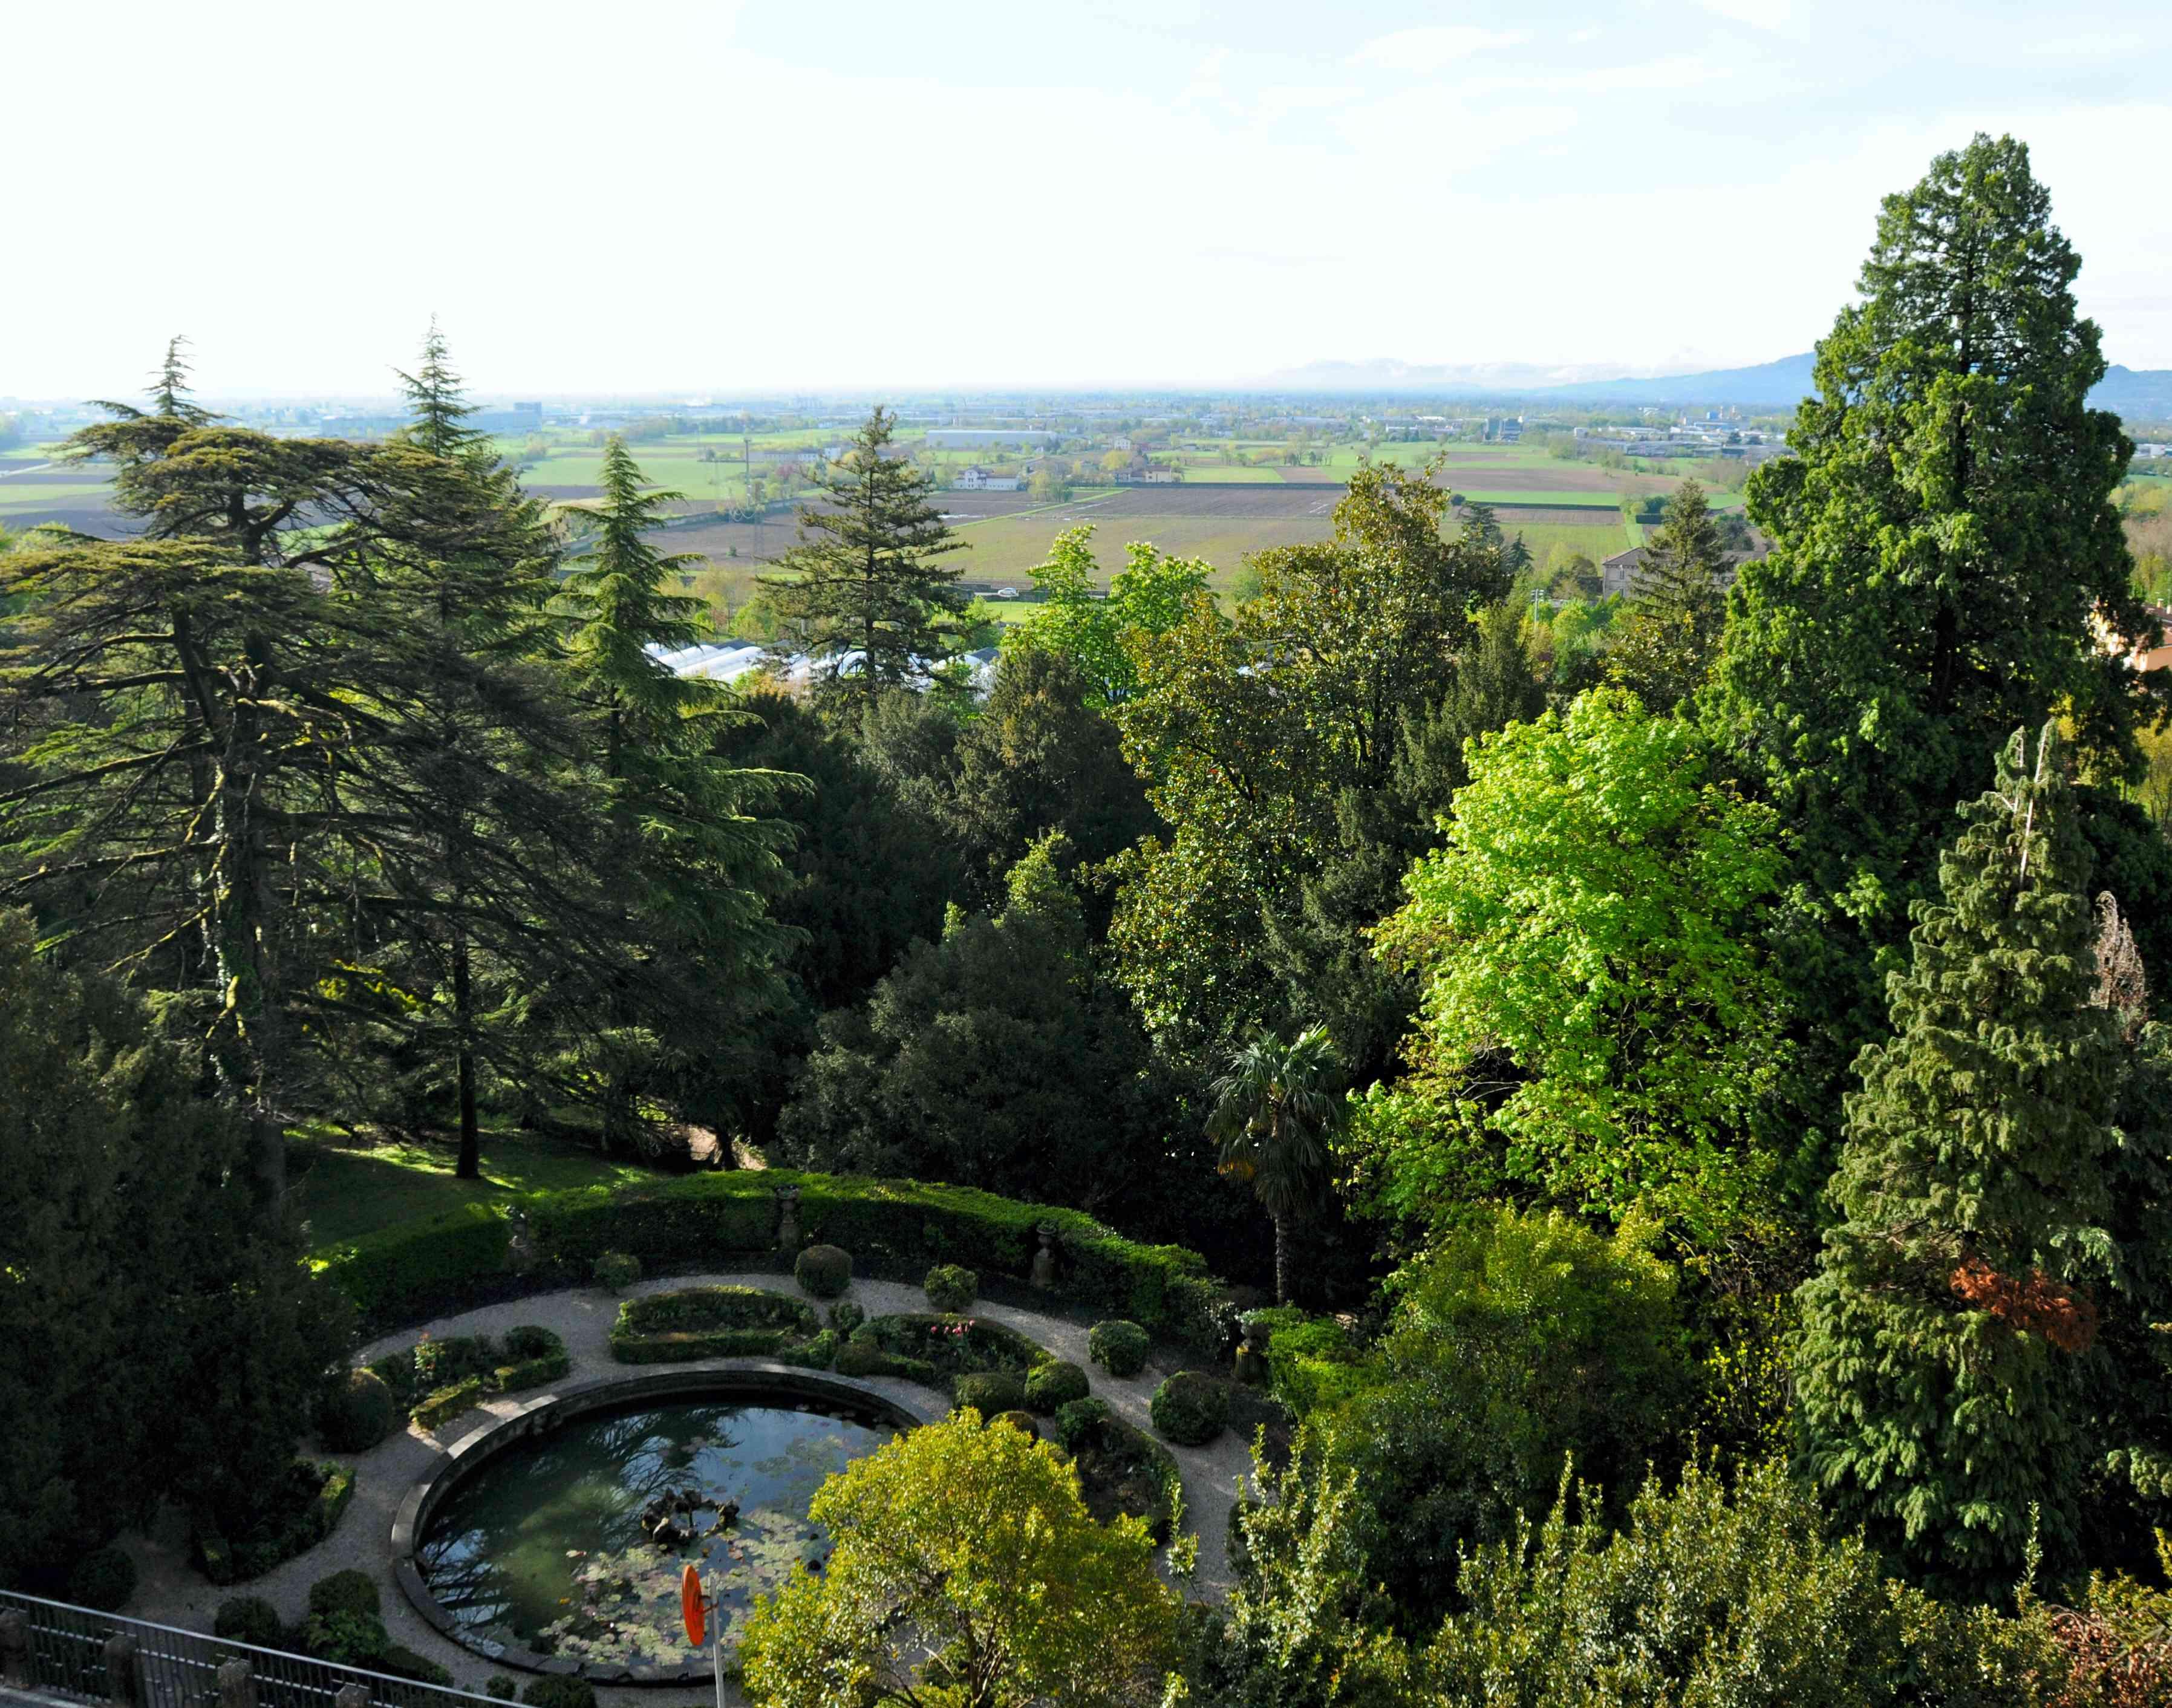 Villa Rossi Vista nel parco dalla  camera da letto di Alessandro Rossi